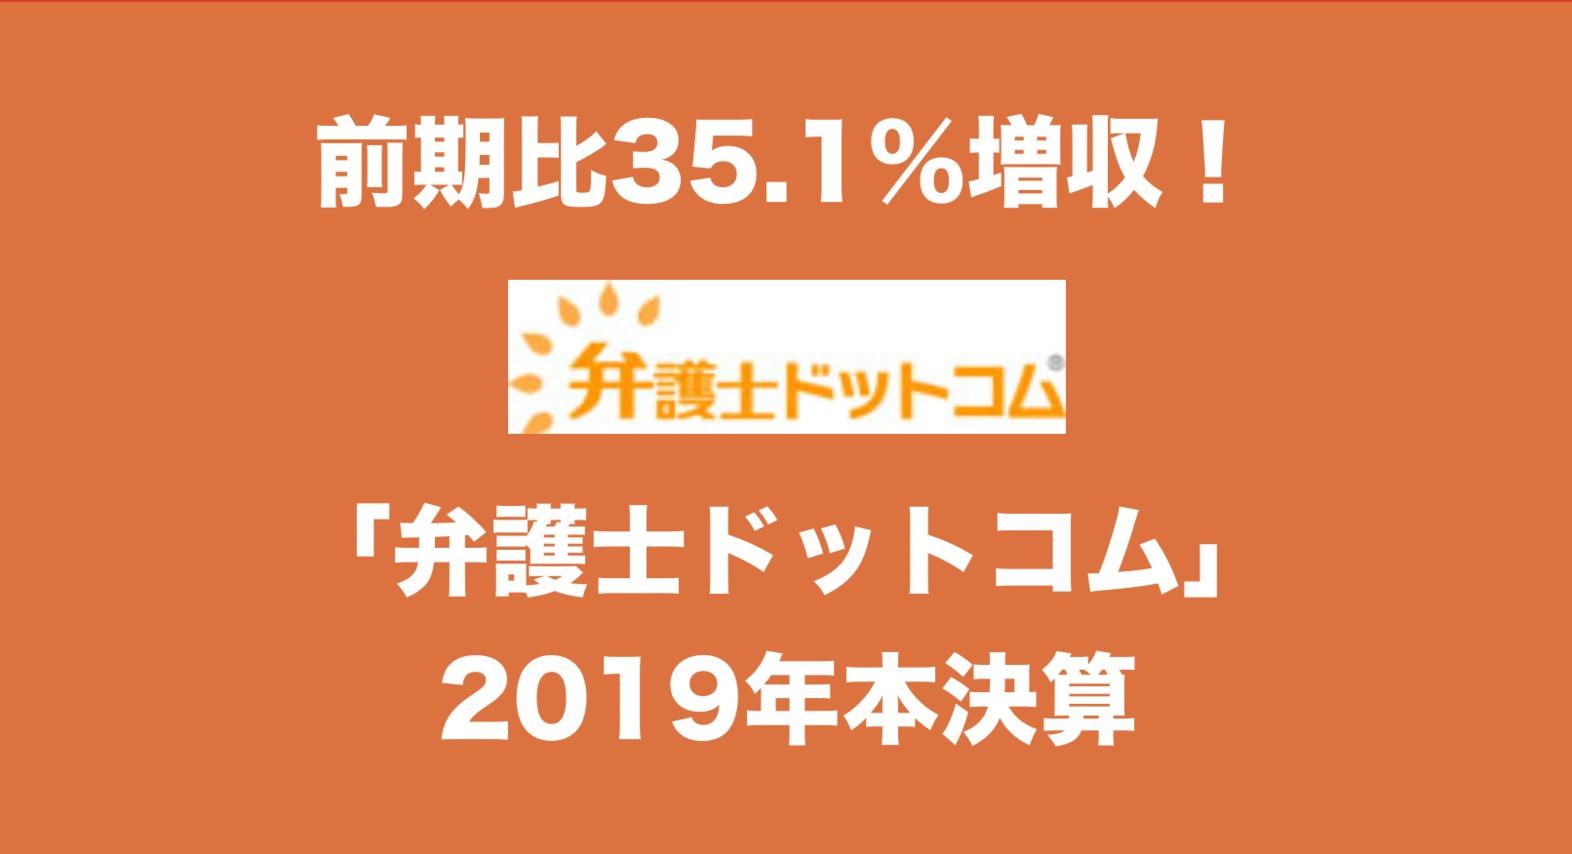 前期比35.1%増収!「弁護士ドットコム」2019年3月期本決算